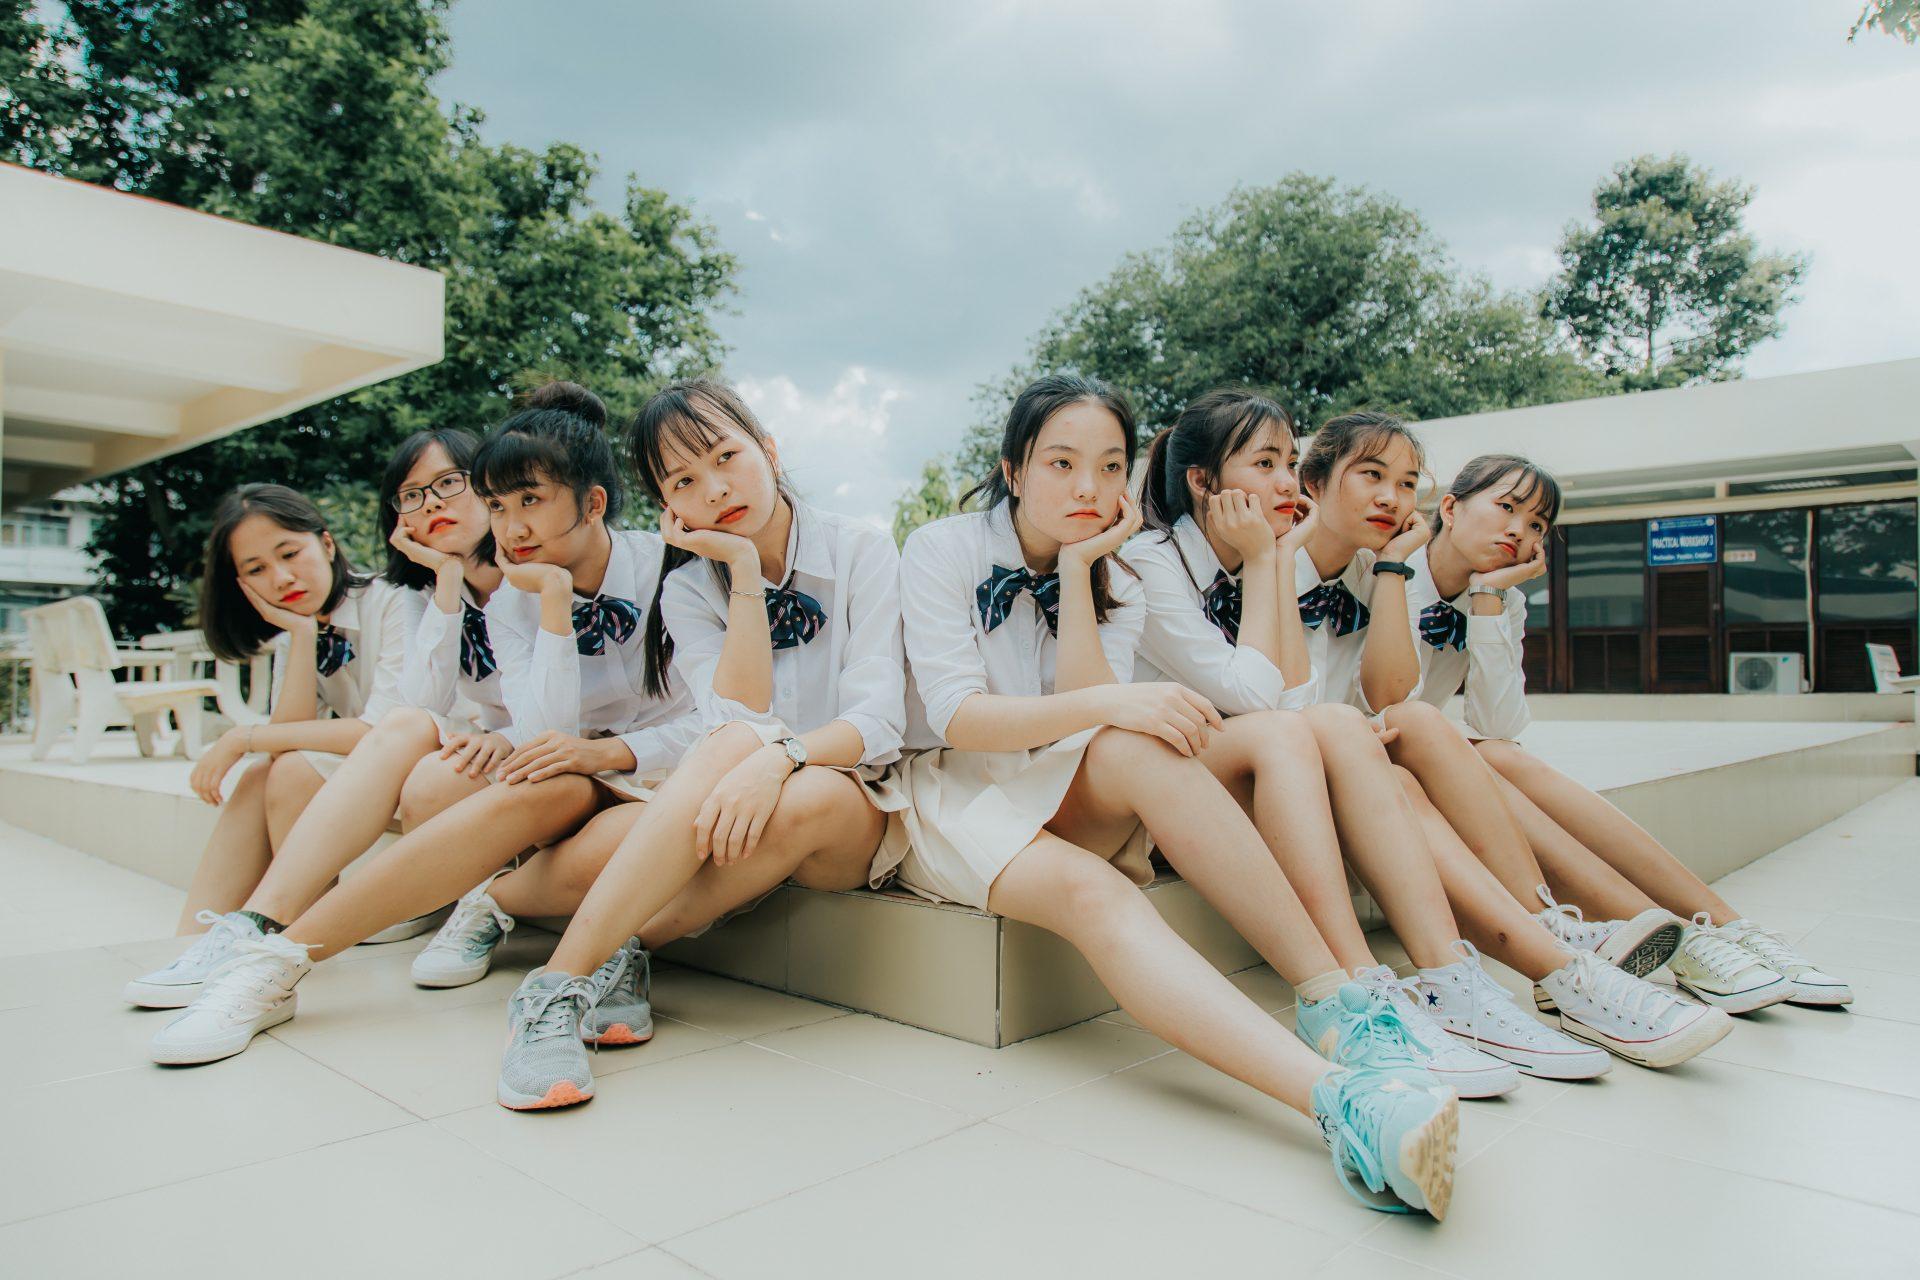 chụp hình nhóm đẹp